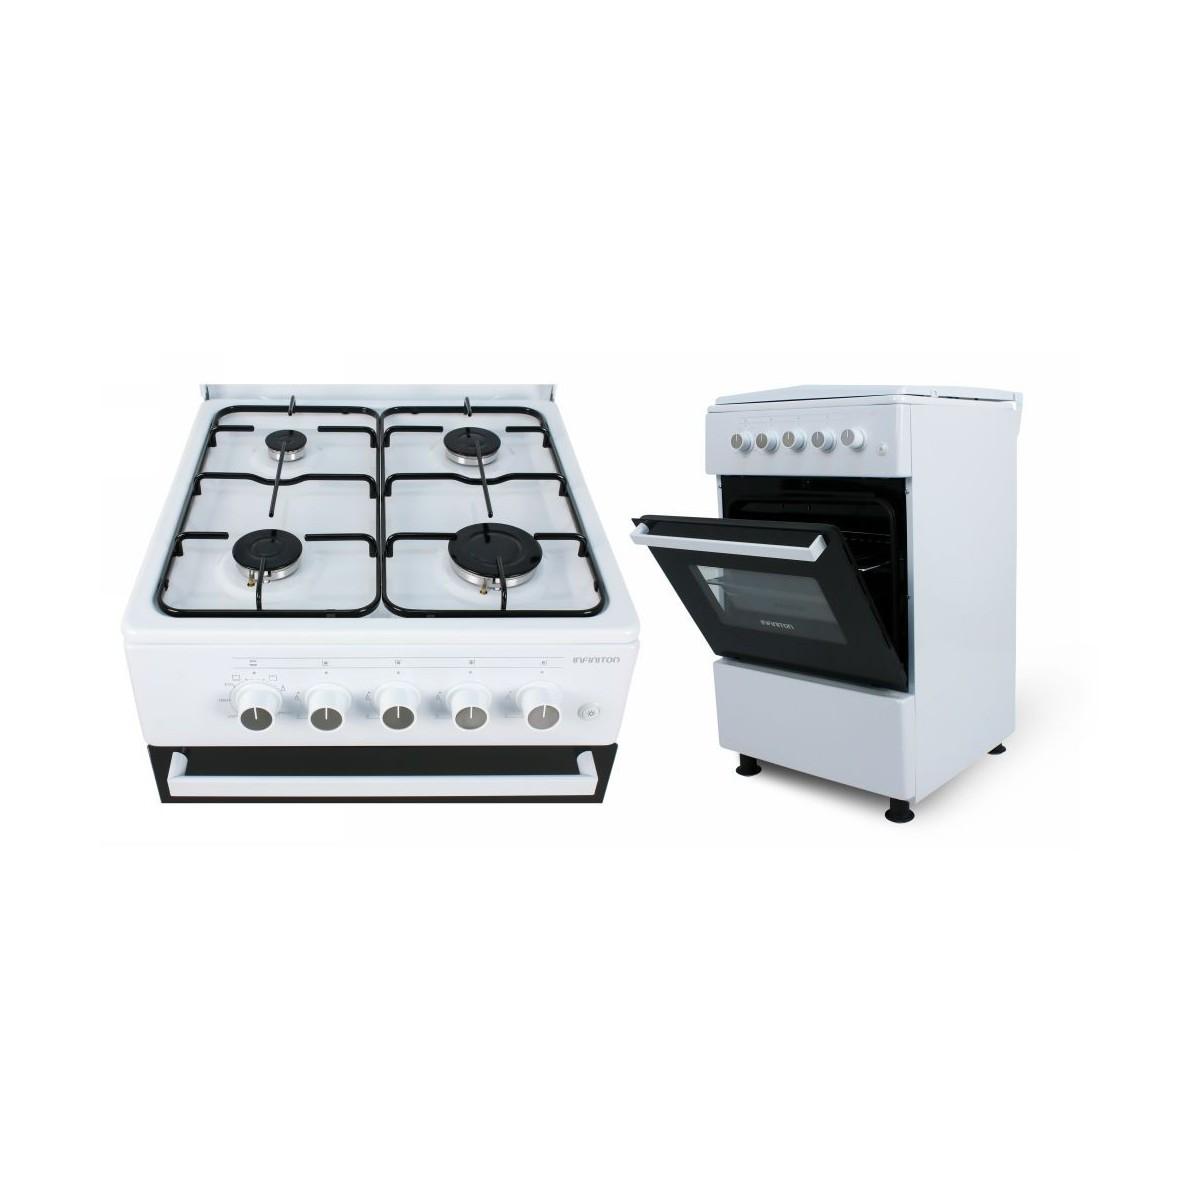 Cocina de gas con horno Infiniton CC5051HEB clase A 179€ + IVA